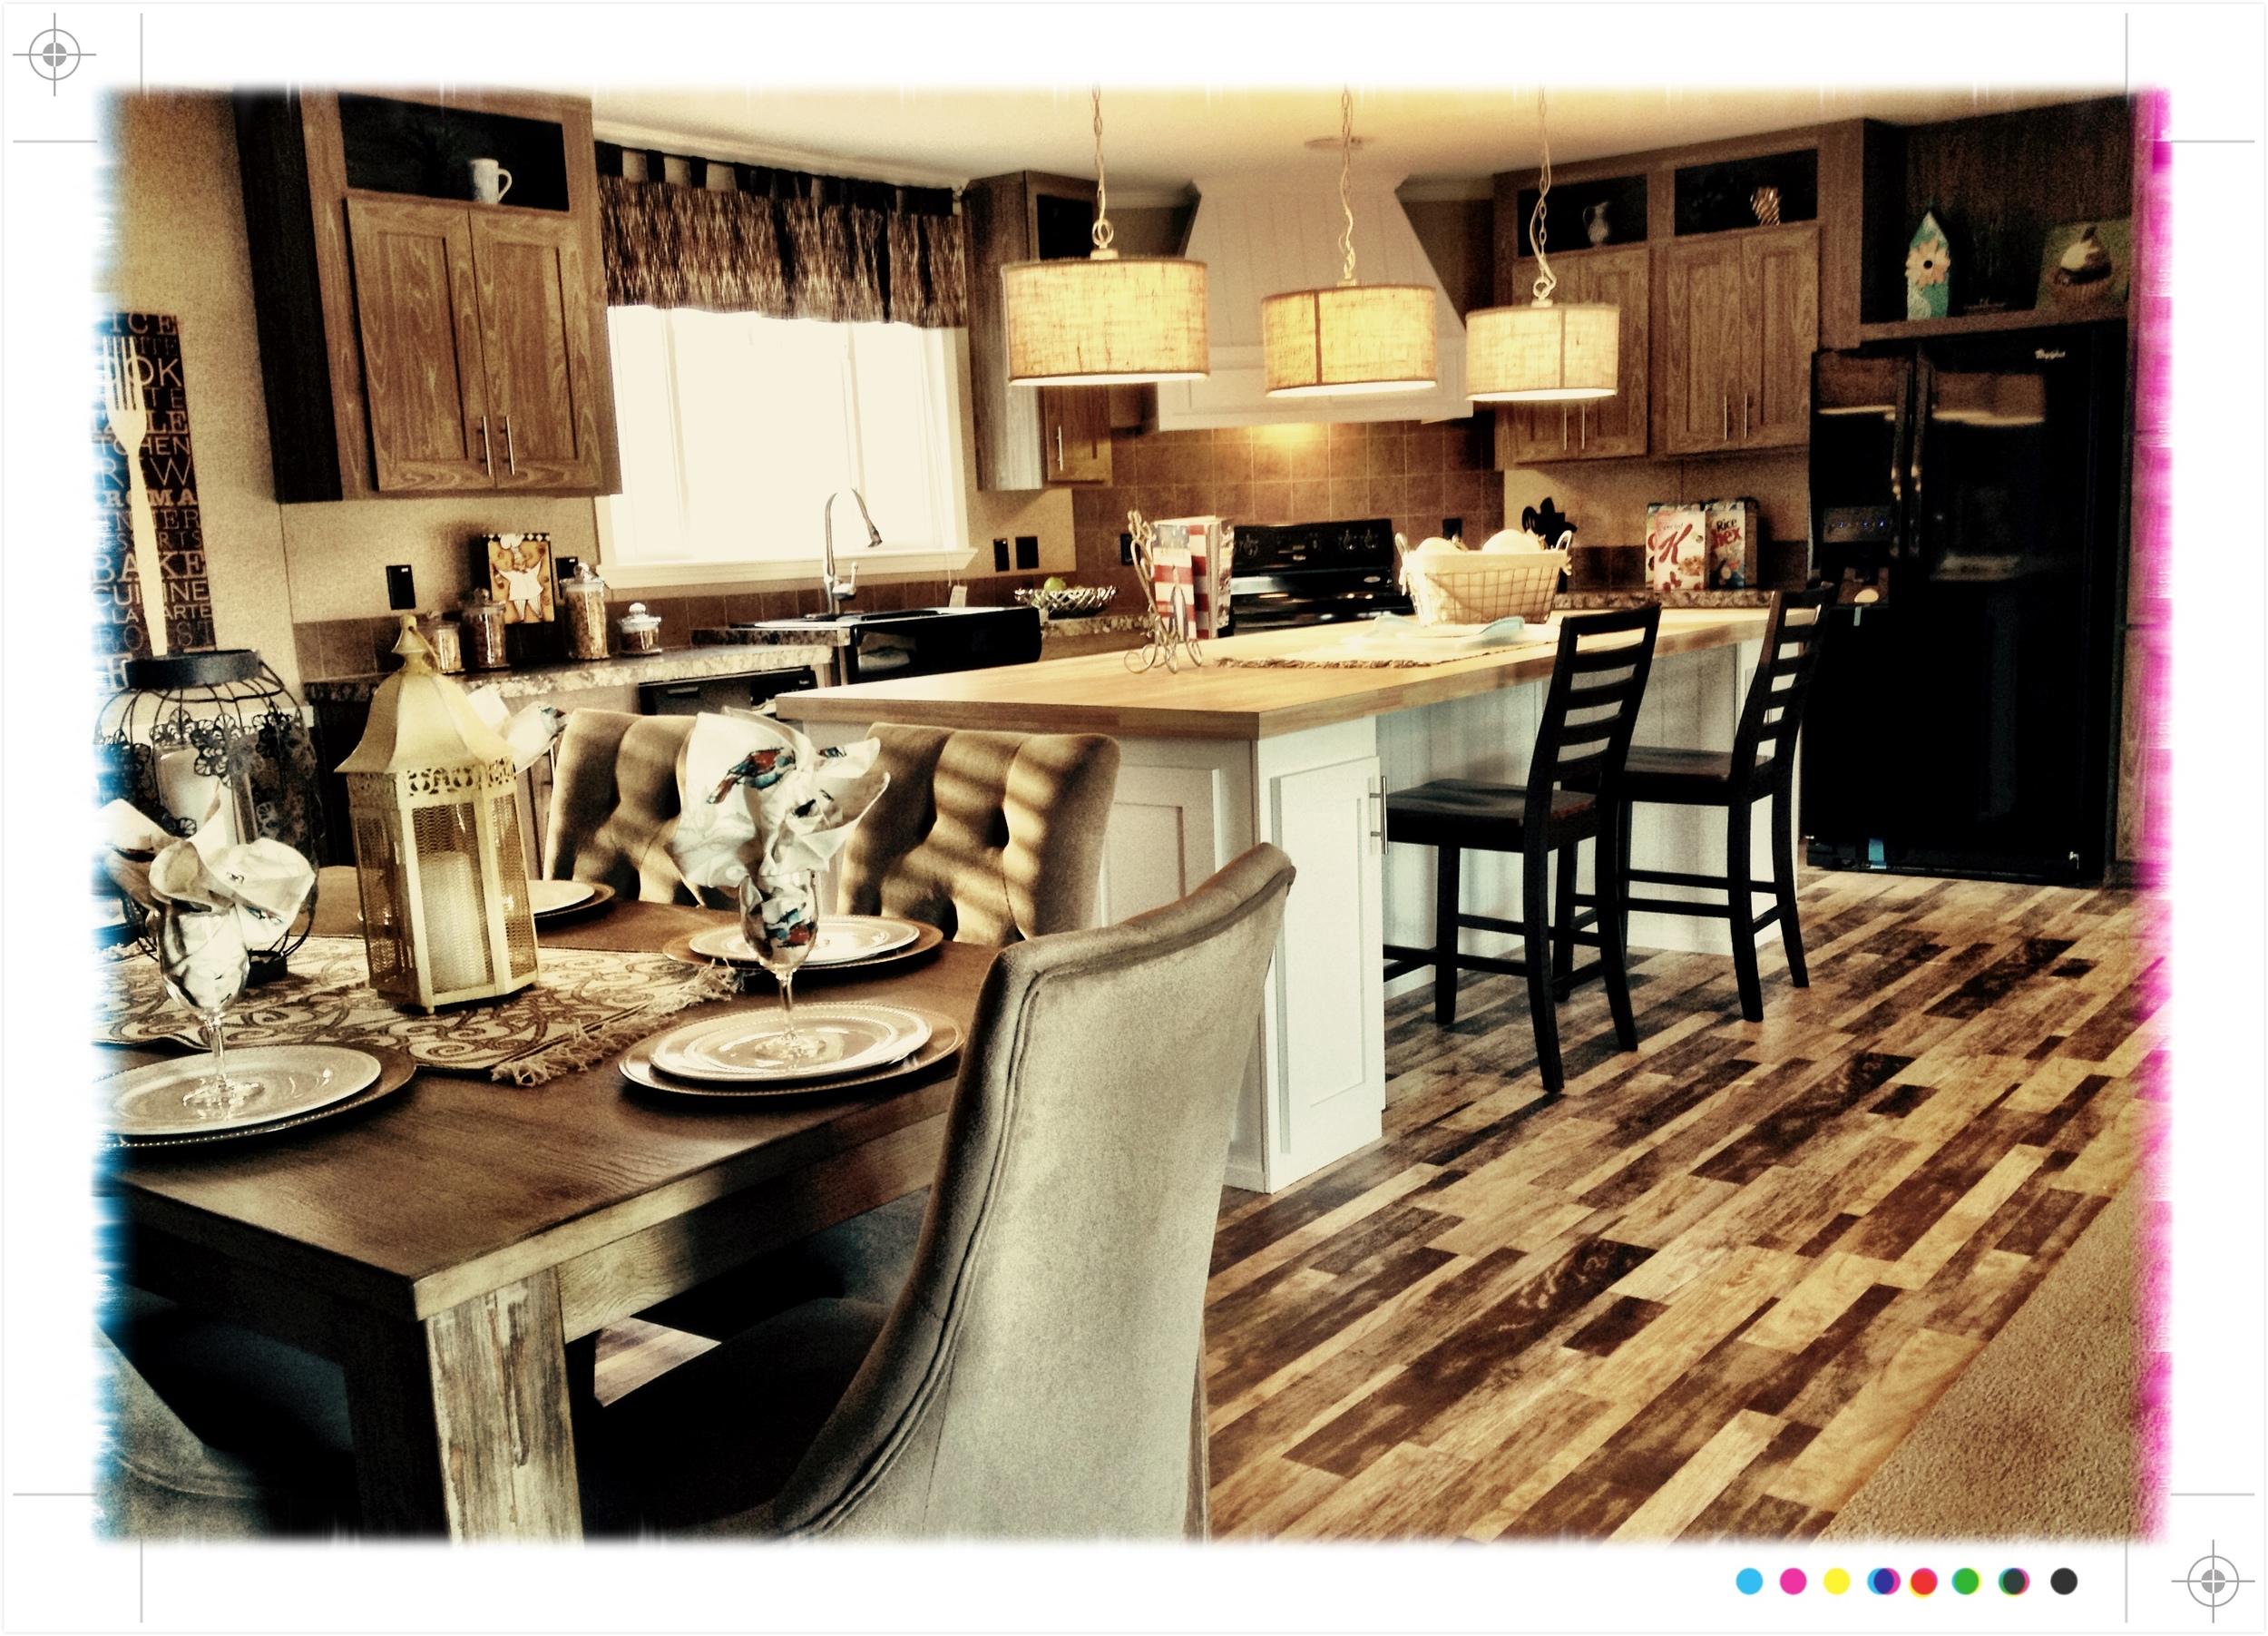 Builder: SE Homes of Texas     For Sale By: R&R Homes of DeRidder, LA